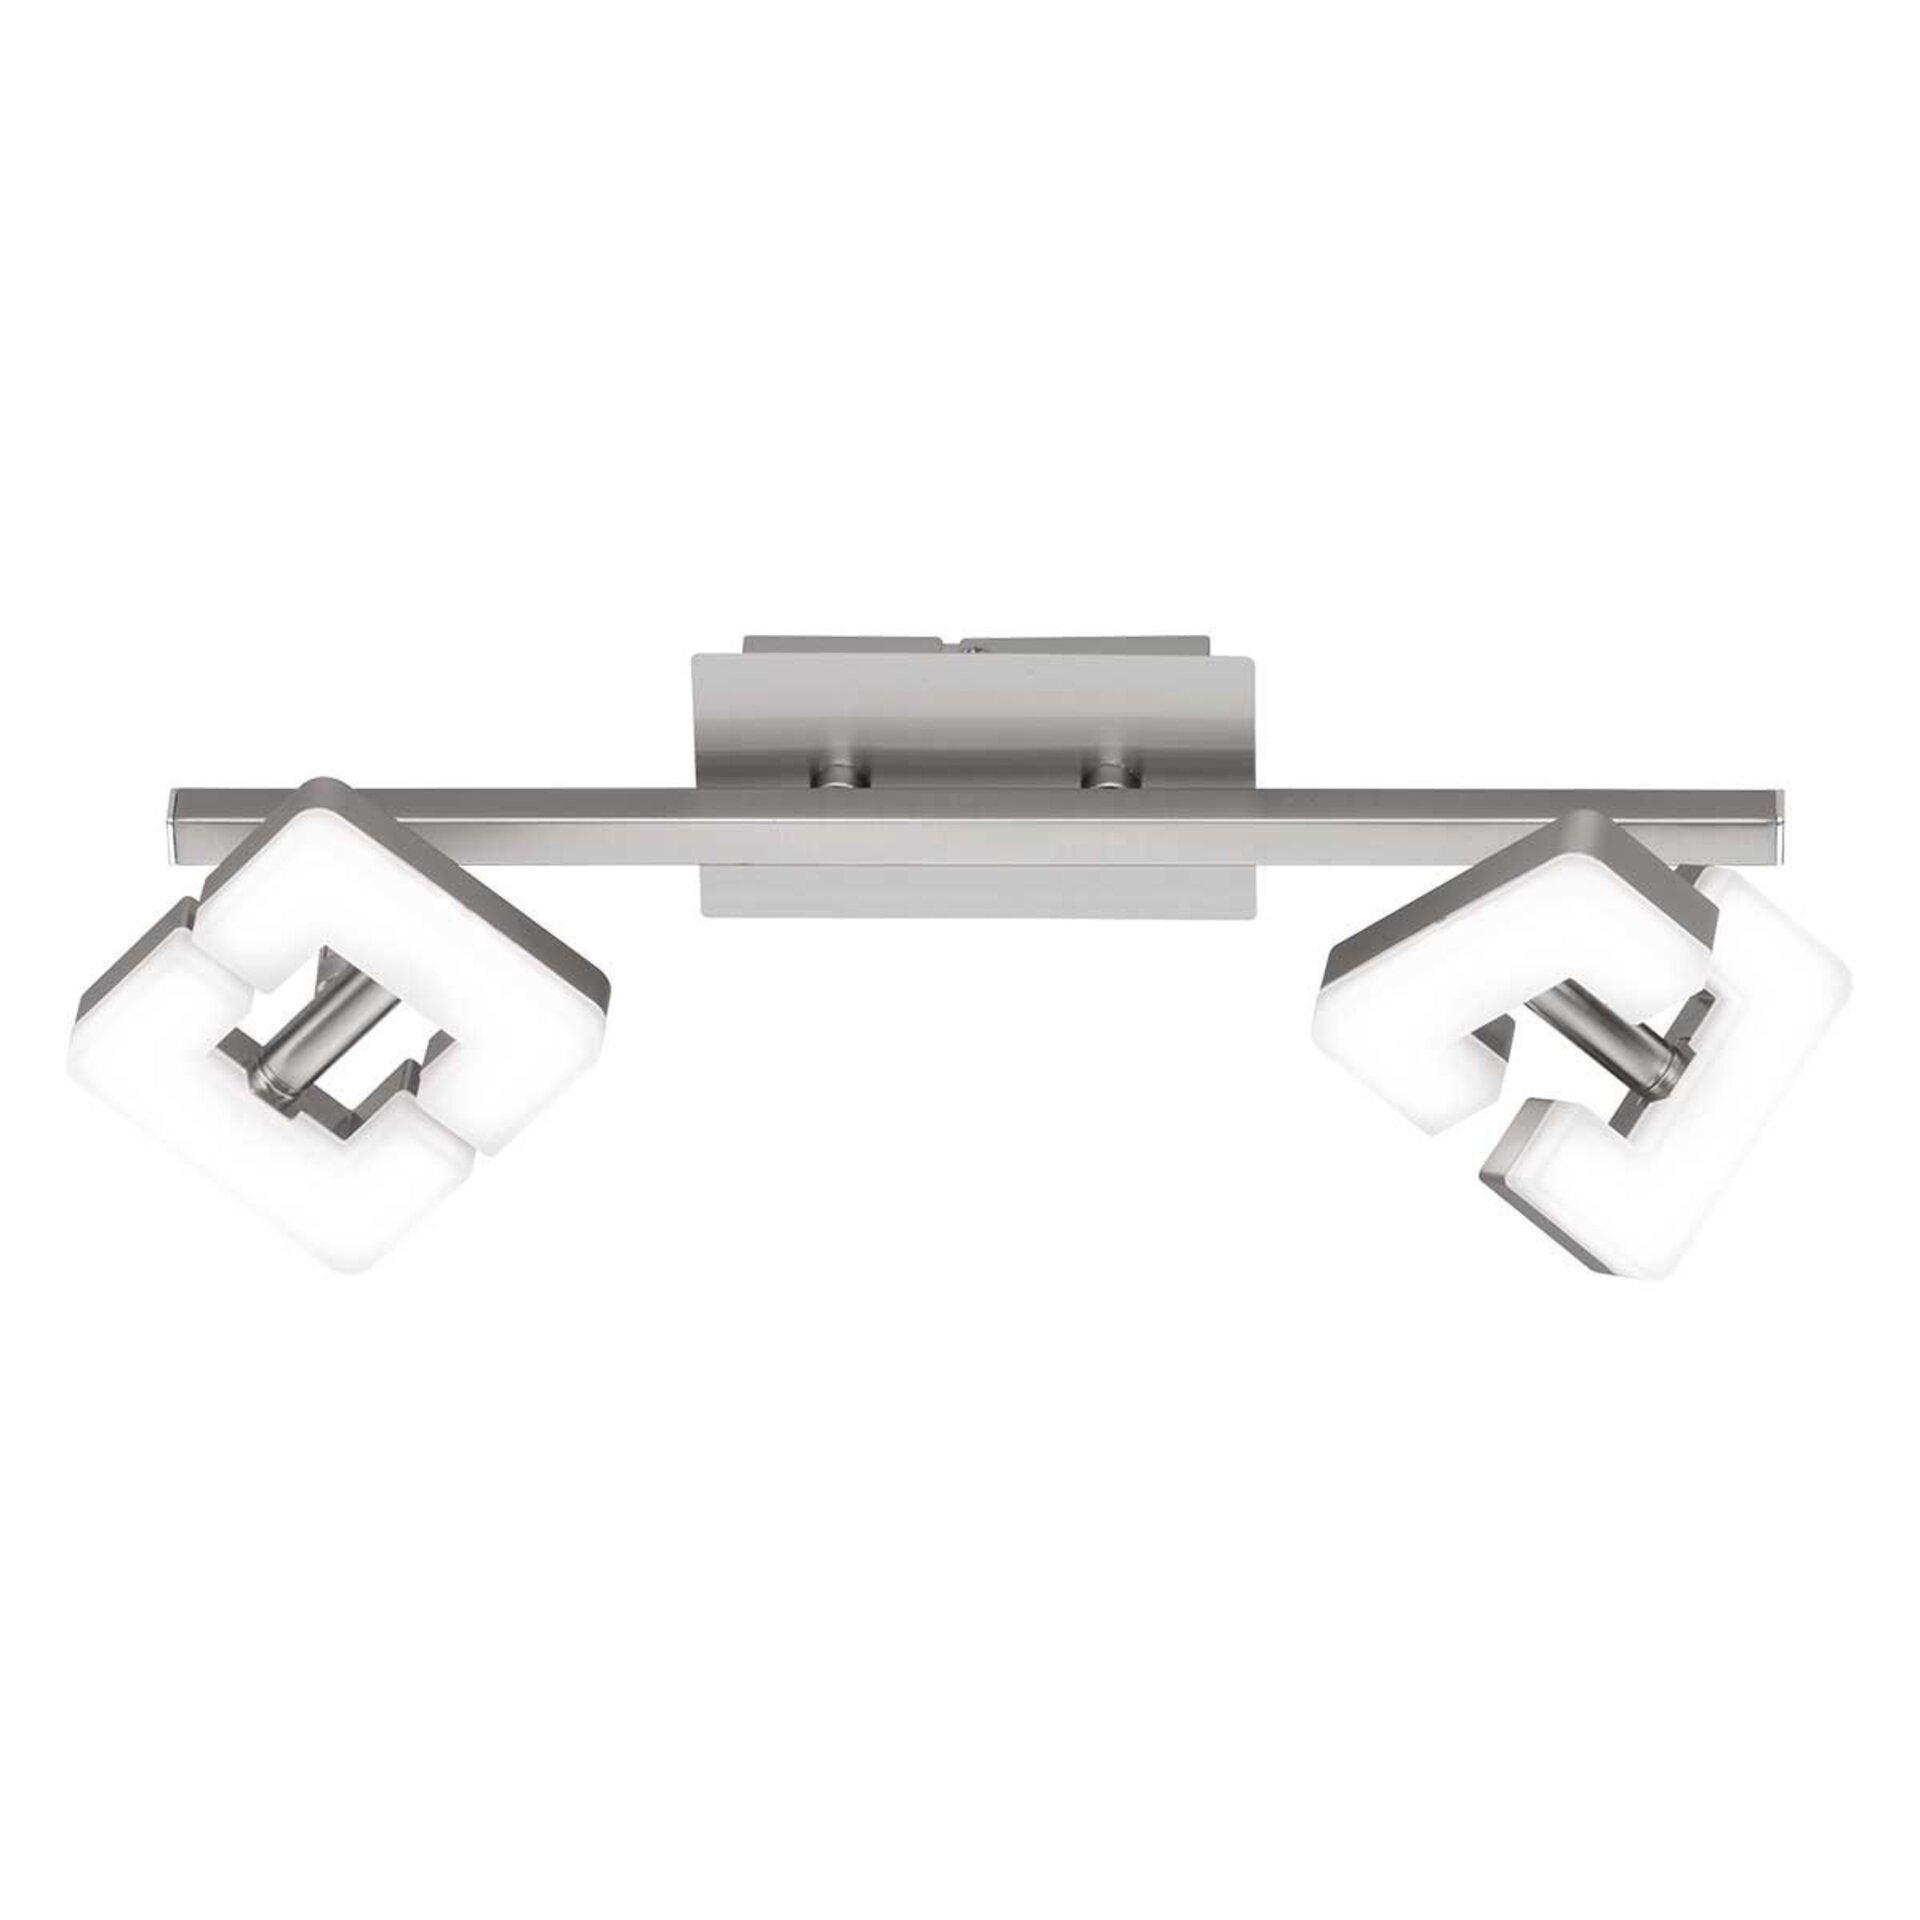 Aufbauspot Zara Wofi Leuchten Metall 8 x 11 x 34 cm